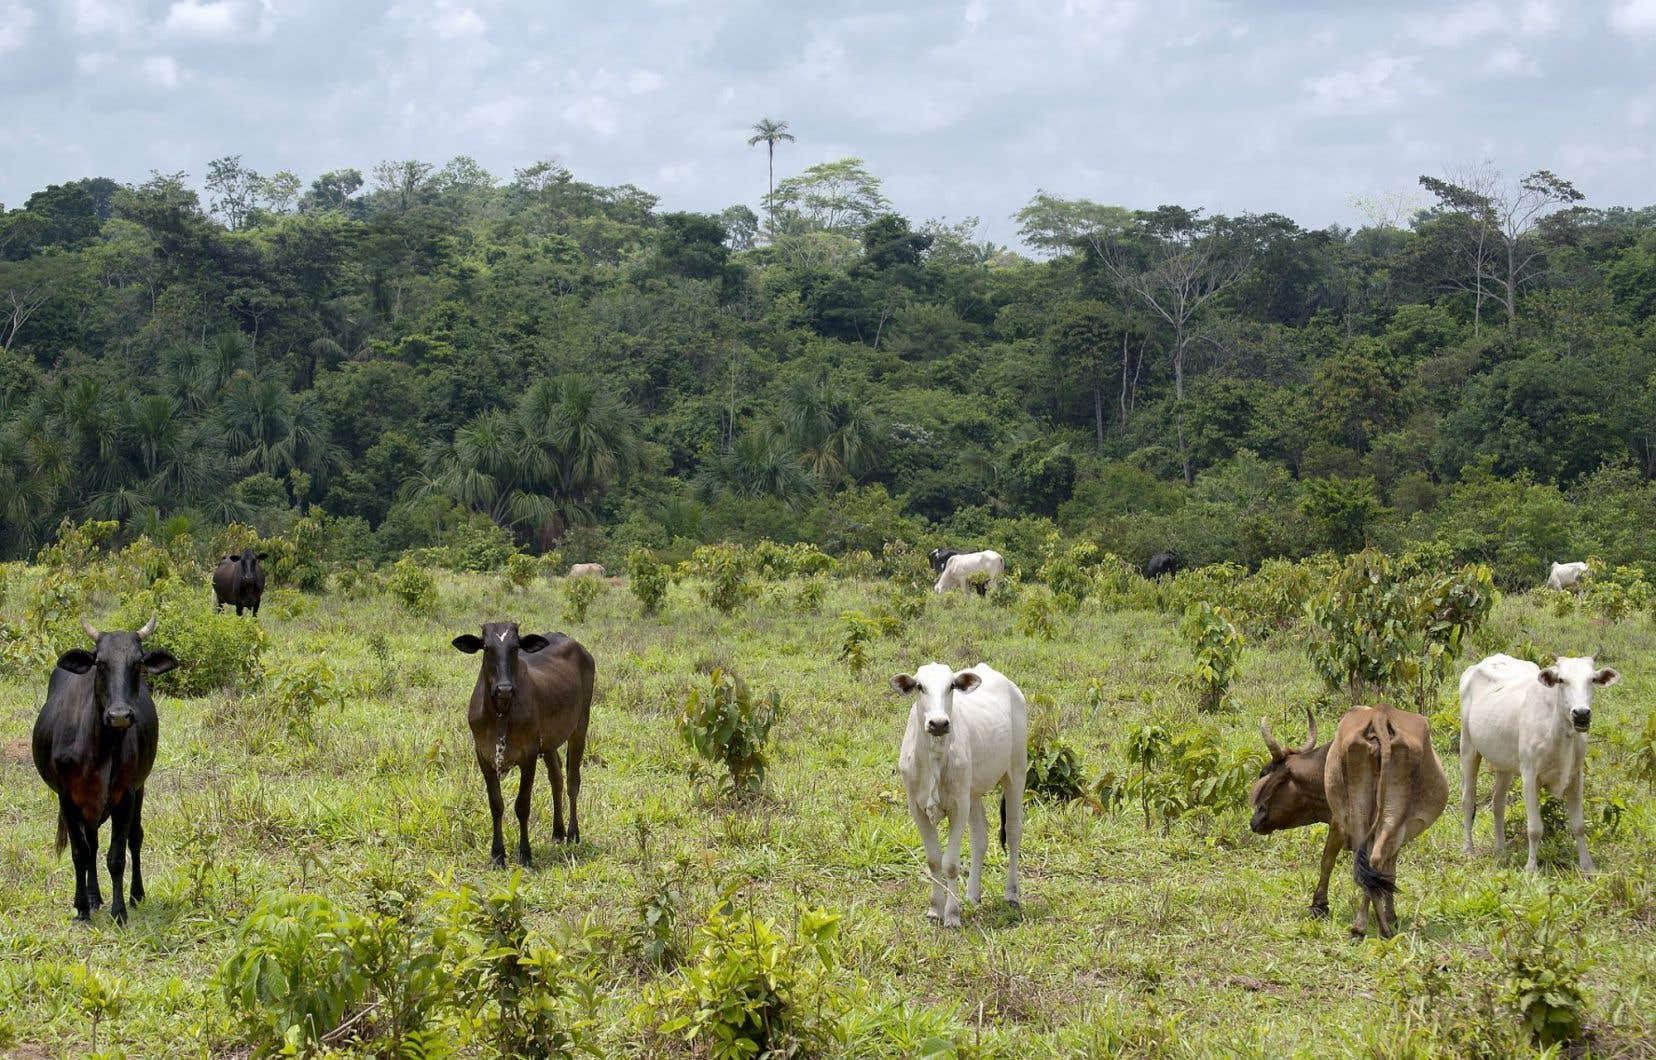 Des pans entiers de la forêt sont détruits au profit de l'élevage extensif de bovins, notamment.